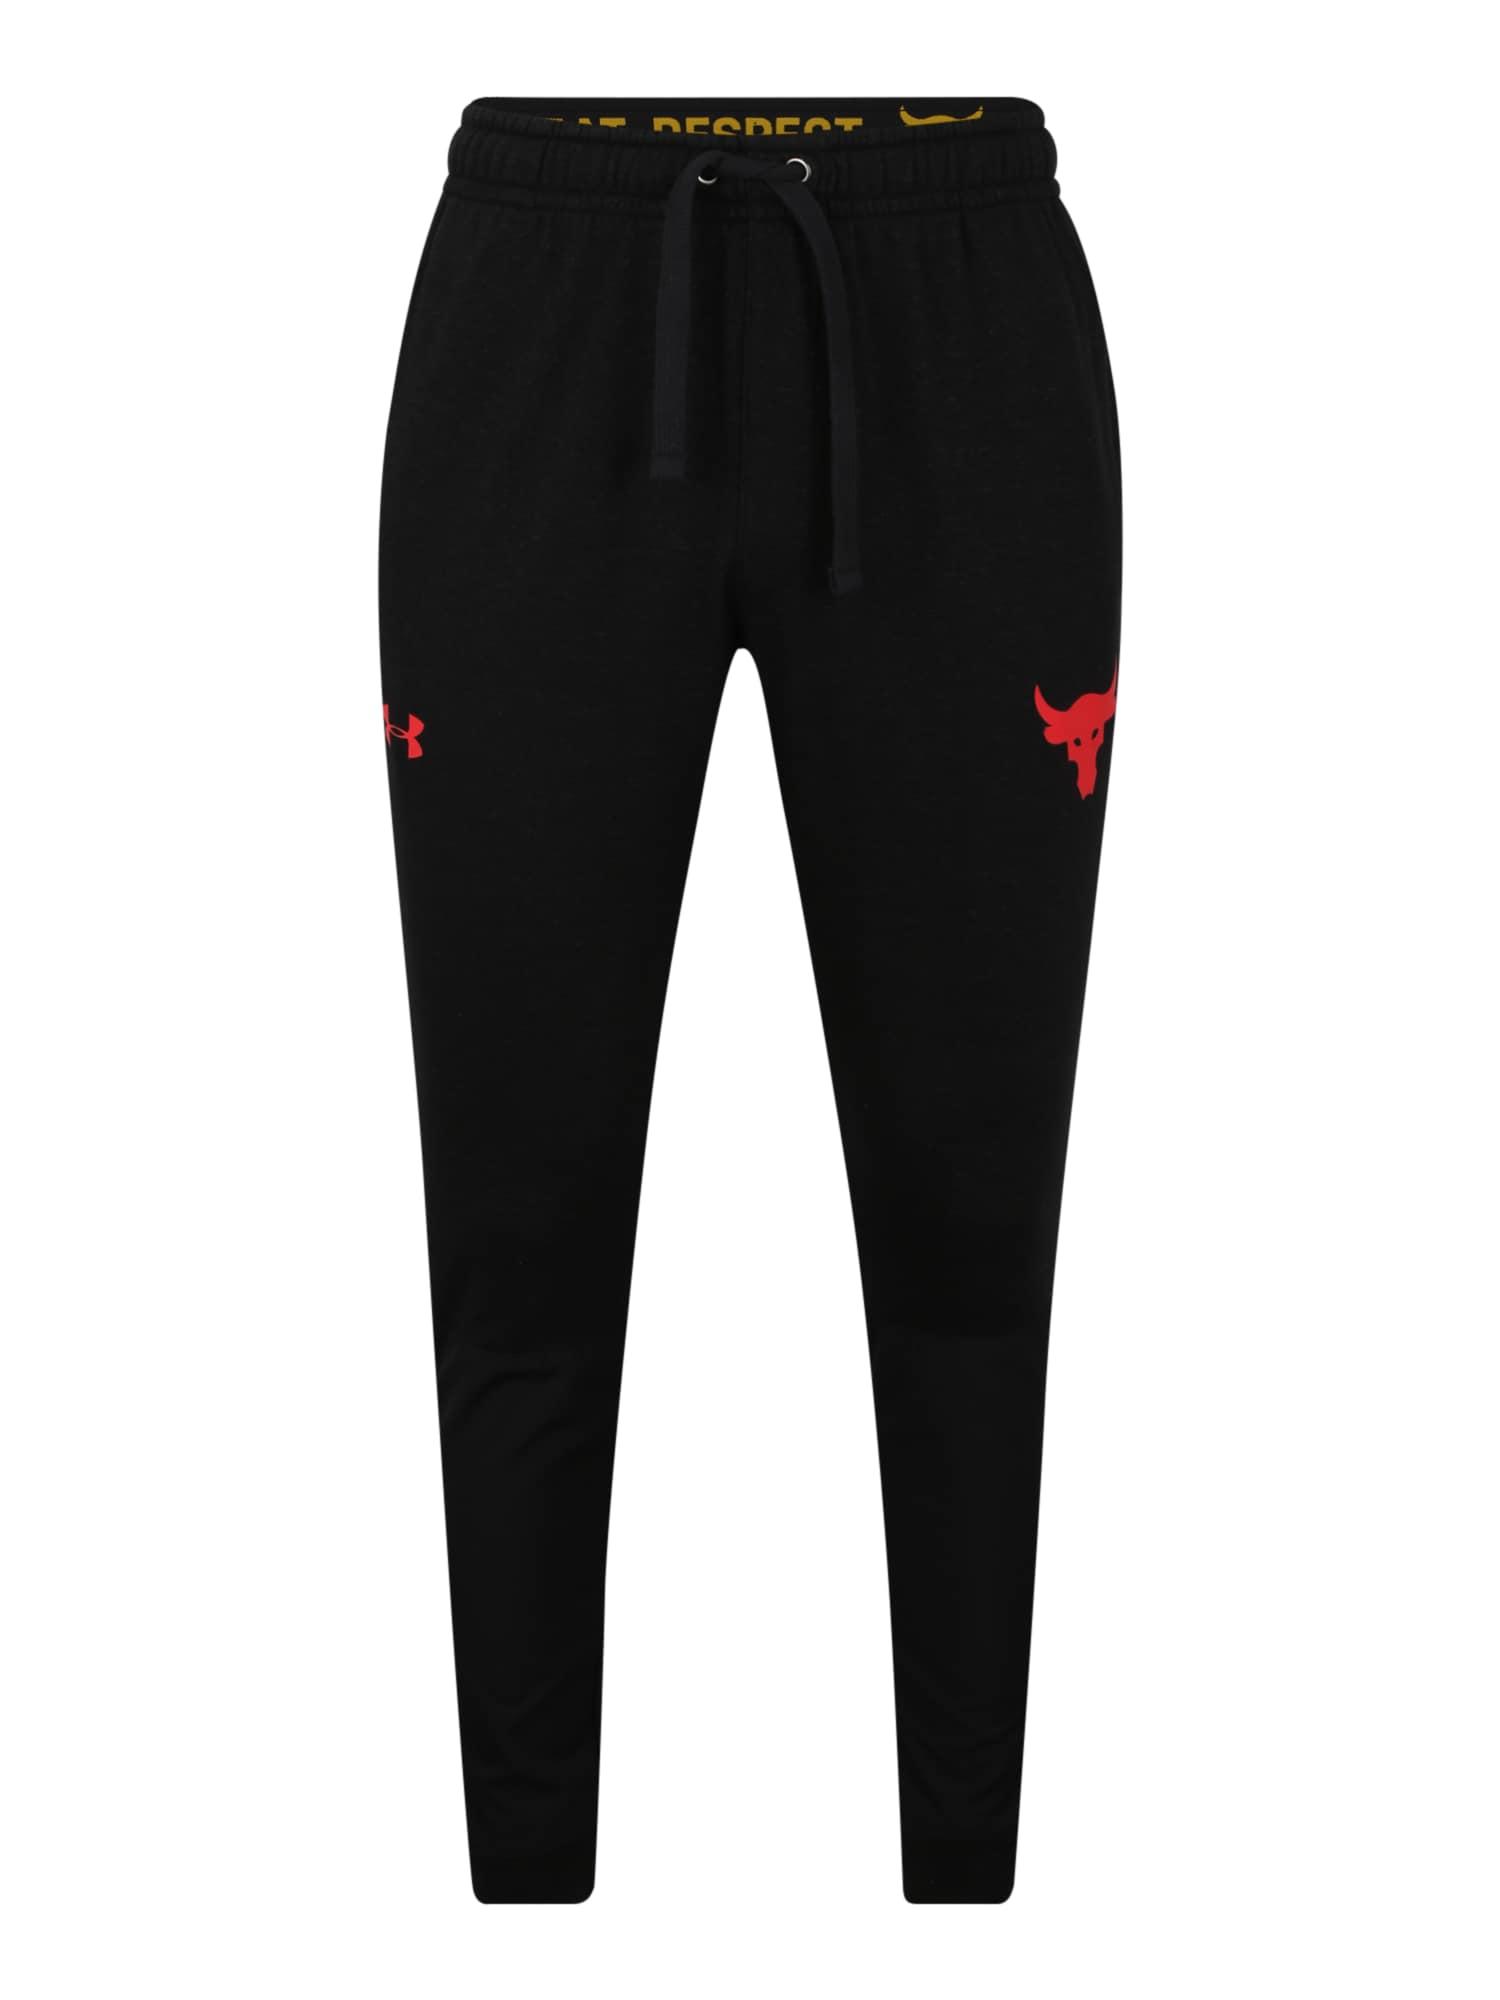 UNDER ARMOUR Sportinės kelnės 'Project Rock' juoda